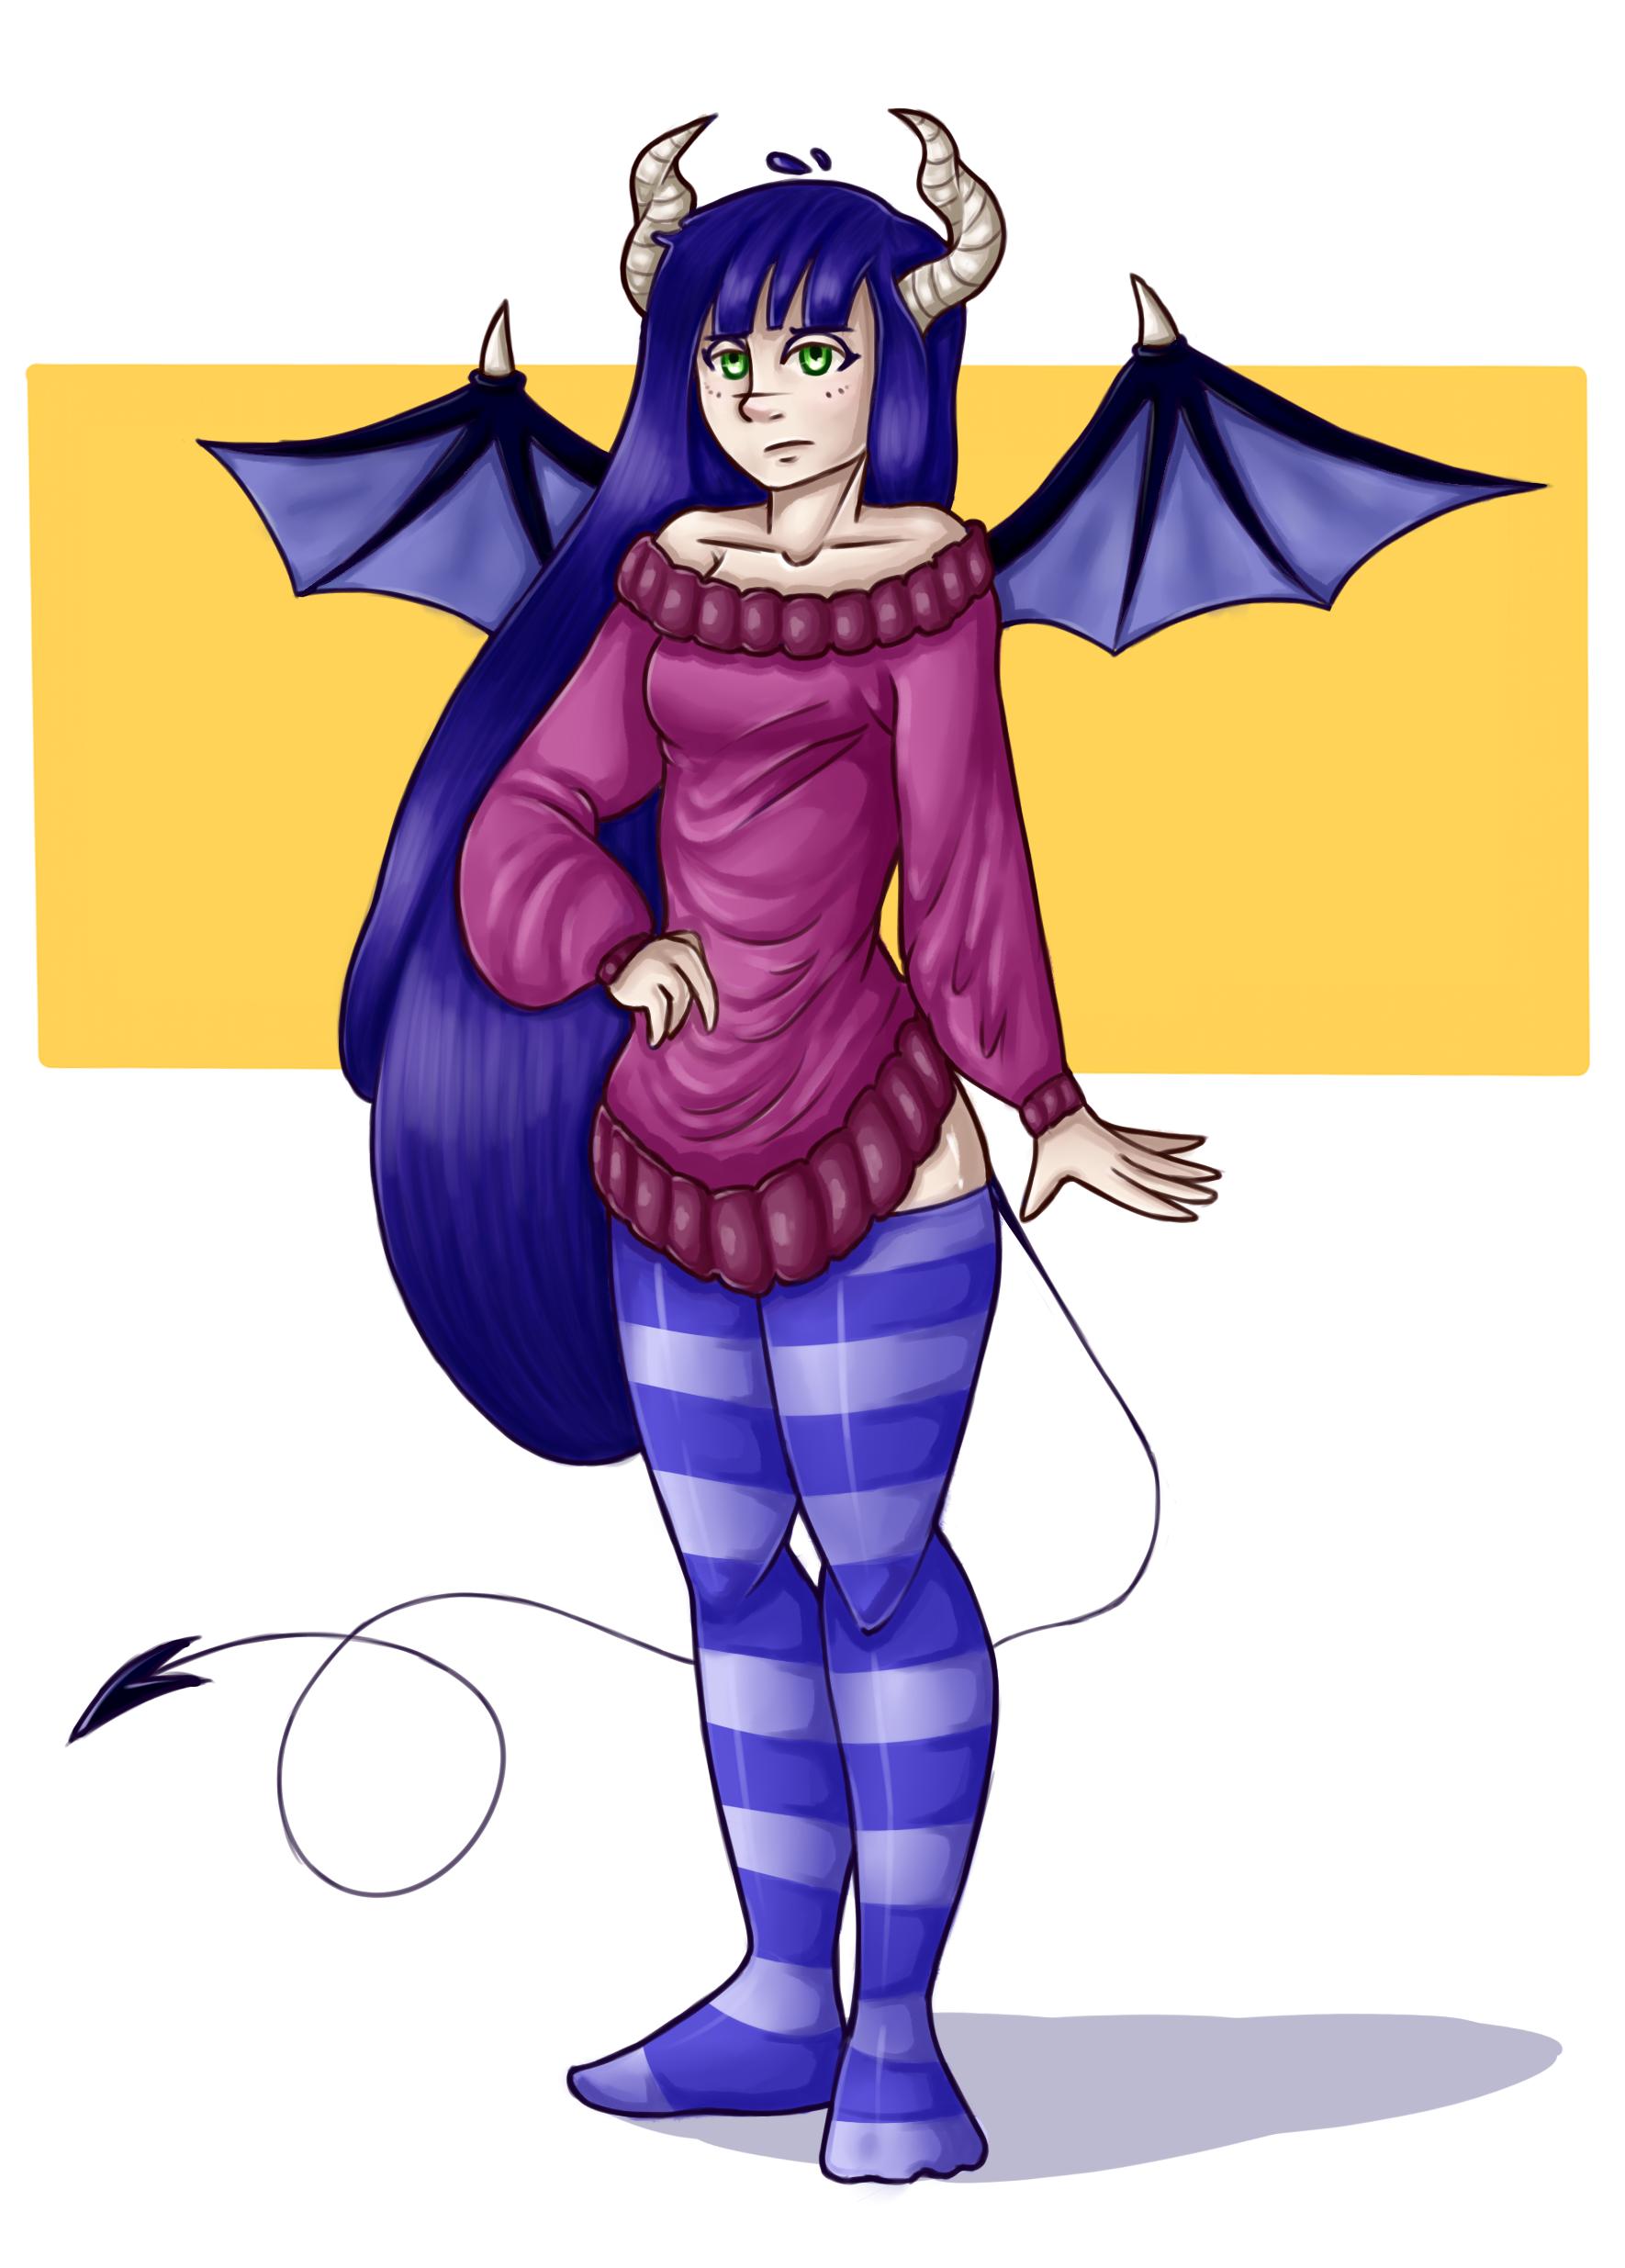 generic demon girl